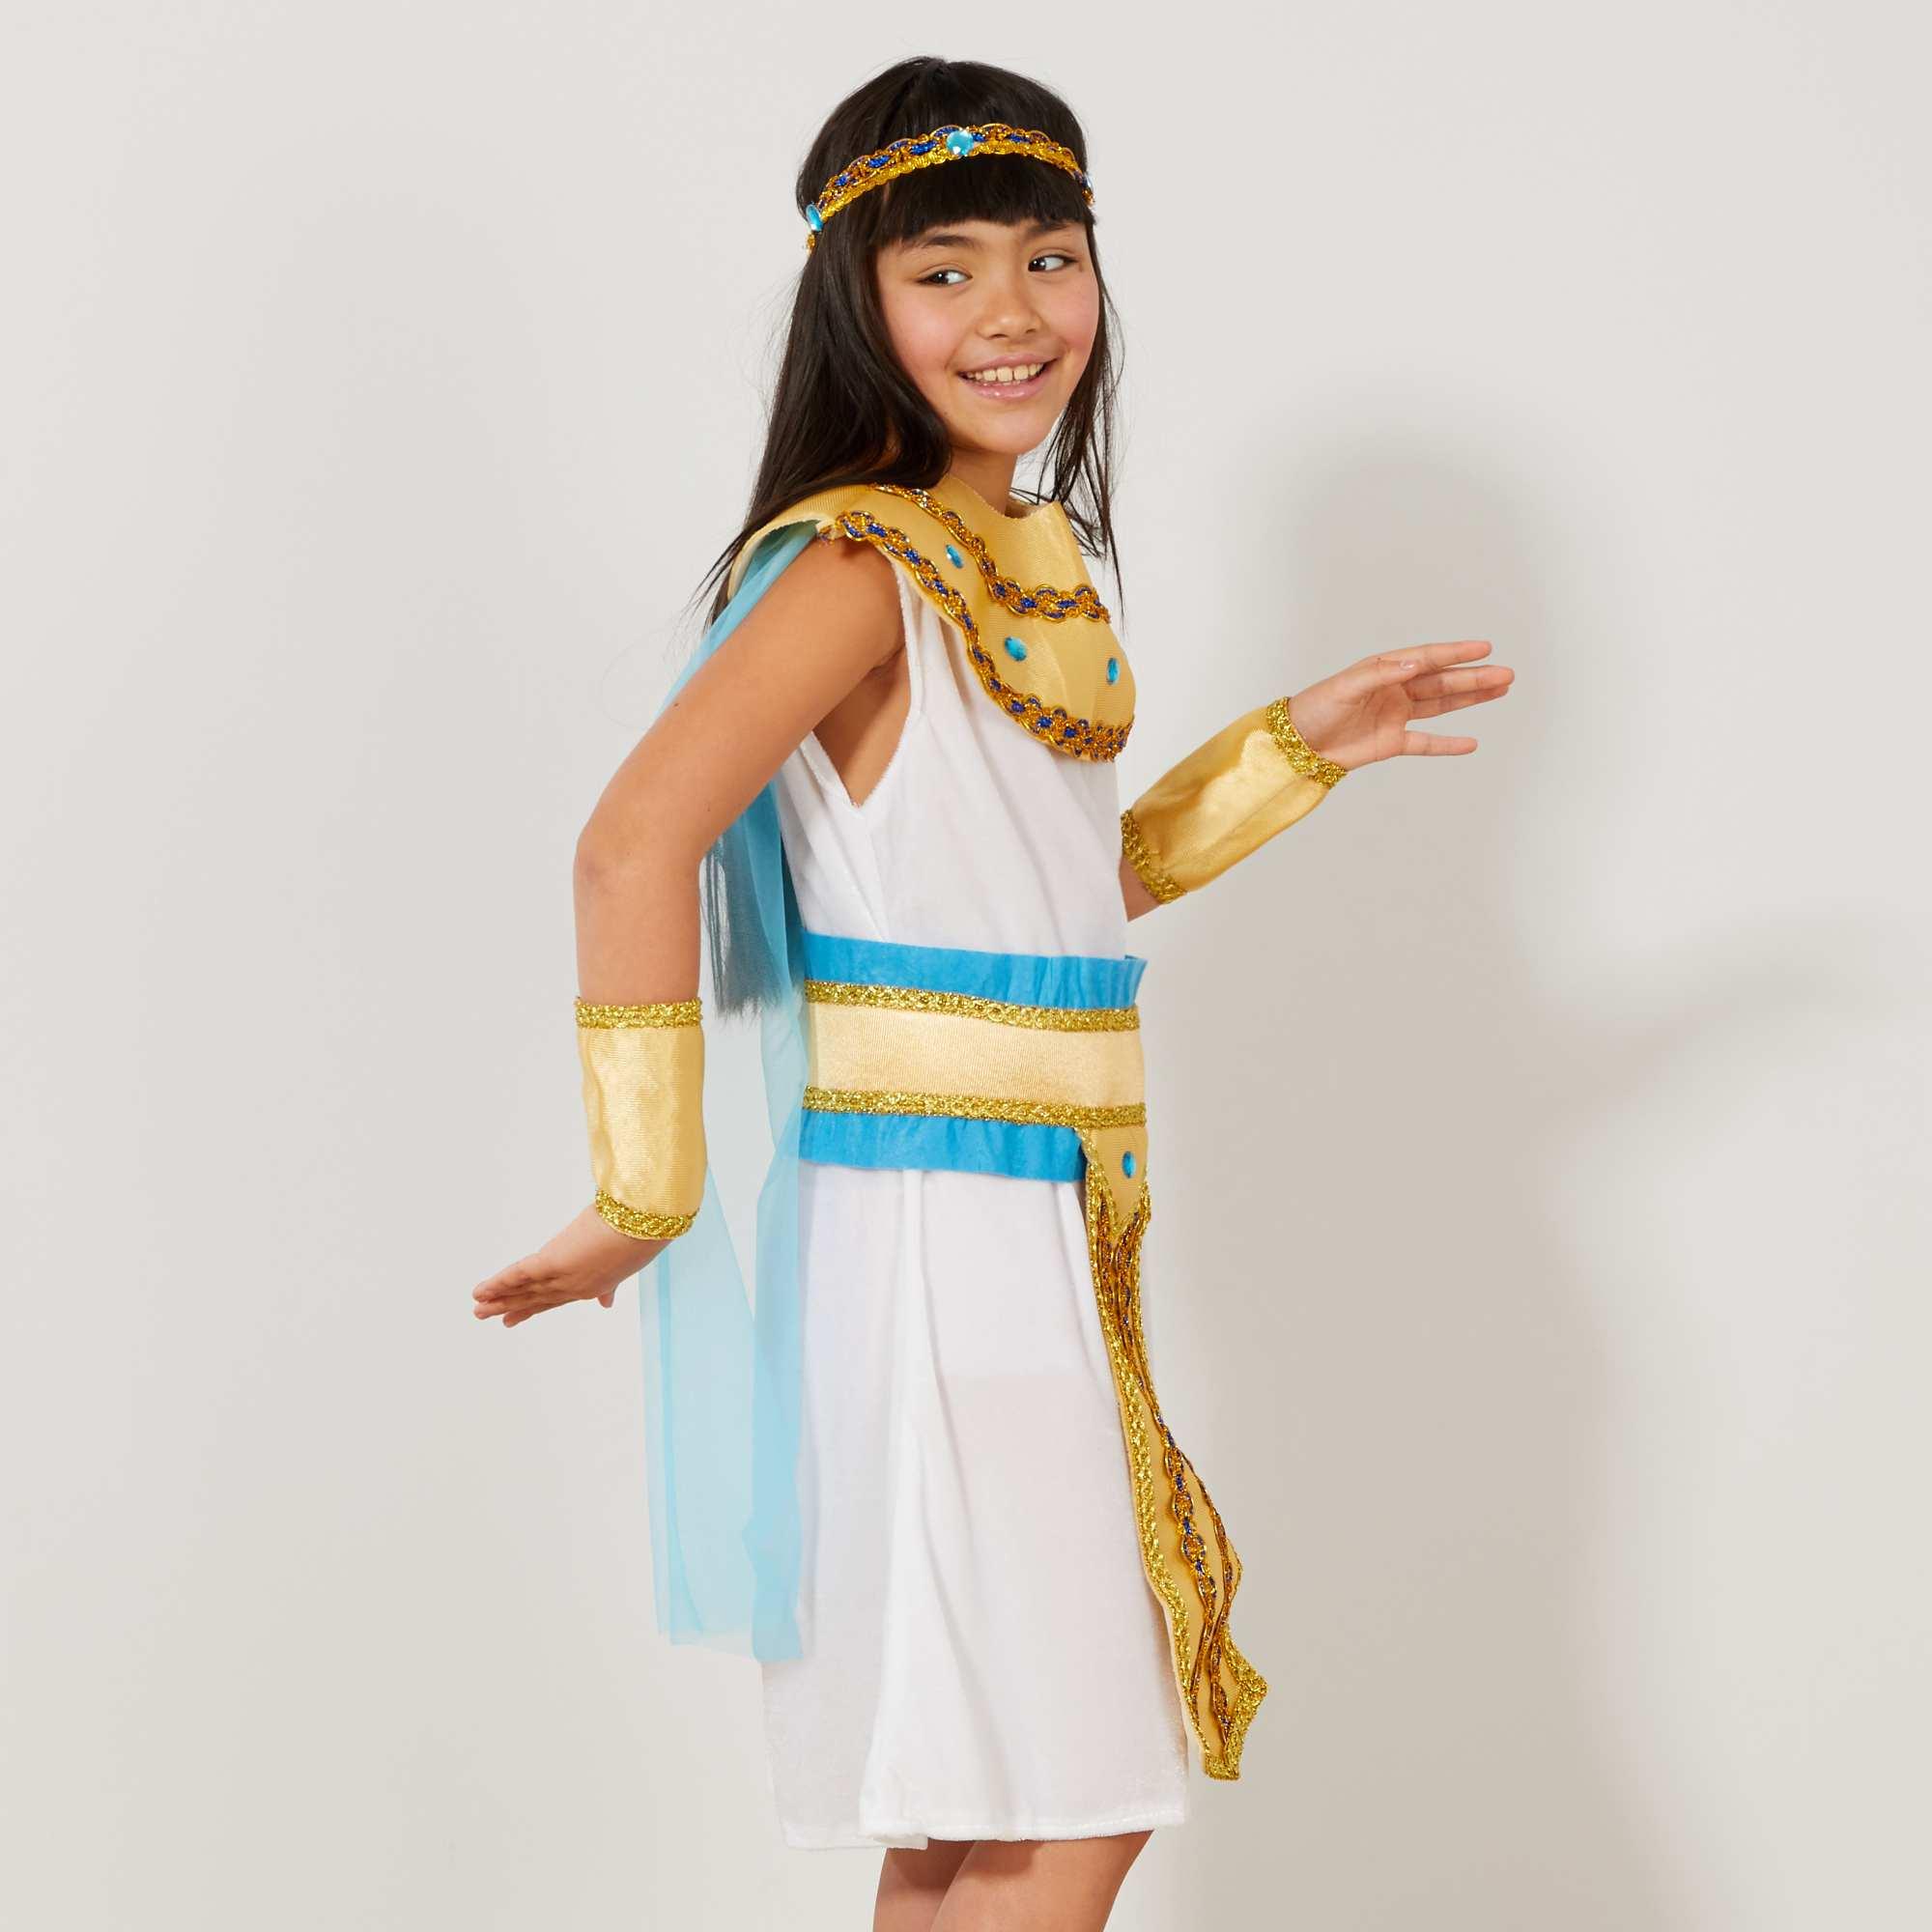 D guisement d 39 gyptienne enfant blanc bleu dor kiabi 22 00 - Foto de garcon ...